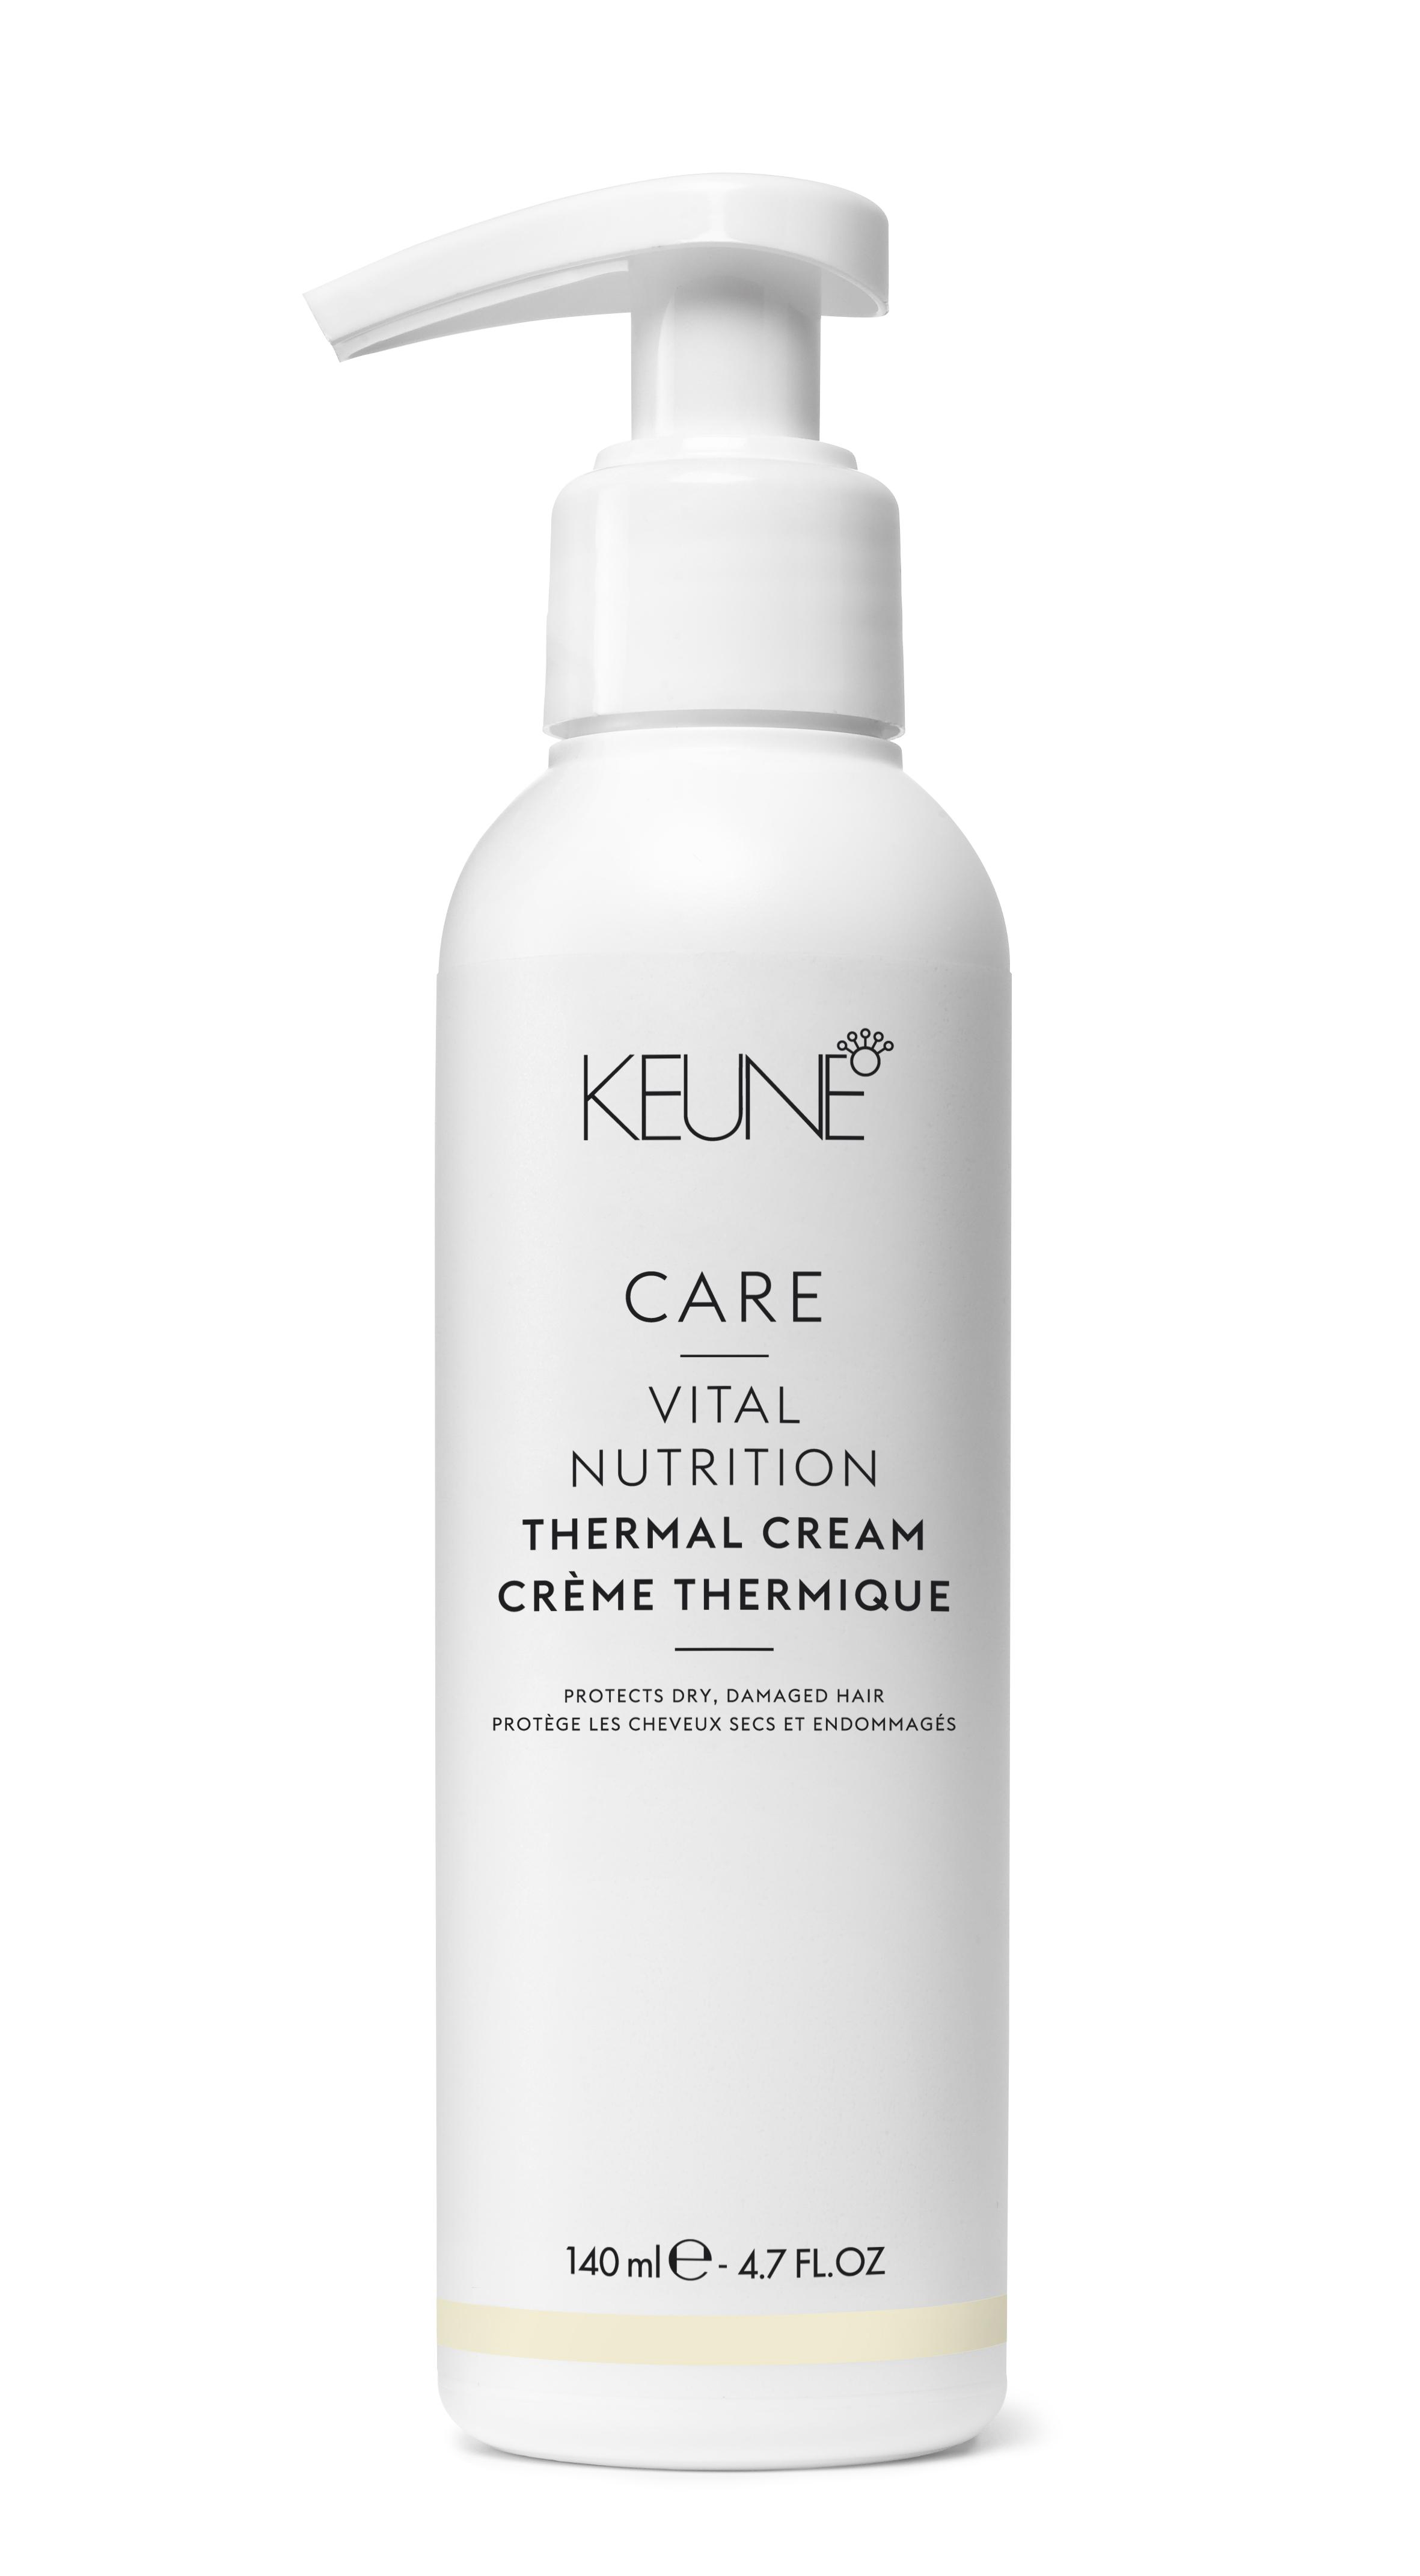 KEUNE Крем термо-защита Основное питание/ CARE Vital Nutr Thermal Cream 140млКремы<br>Крем термозащита «Основное питание» Кене предохраняет хрупкие и поврежденные волосы от воздействия высокой температуры. Пользуйтесь им перед горячей укладкой. Природные минералы существенно улучшают состояние пересушенных, слабых волос с повреждениями. Активные ингредиенты: вода, природные минералы цинк, медь, железо, кремний, магний, протеины. Способ применения: нанесите крем Keune Care Line Vital Nutrition на влажные волосы и приступайте к укладке.<br><br>Типы волос: Поврежденные